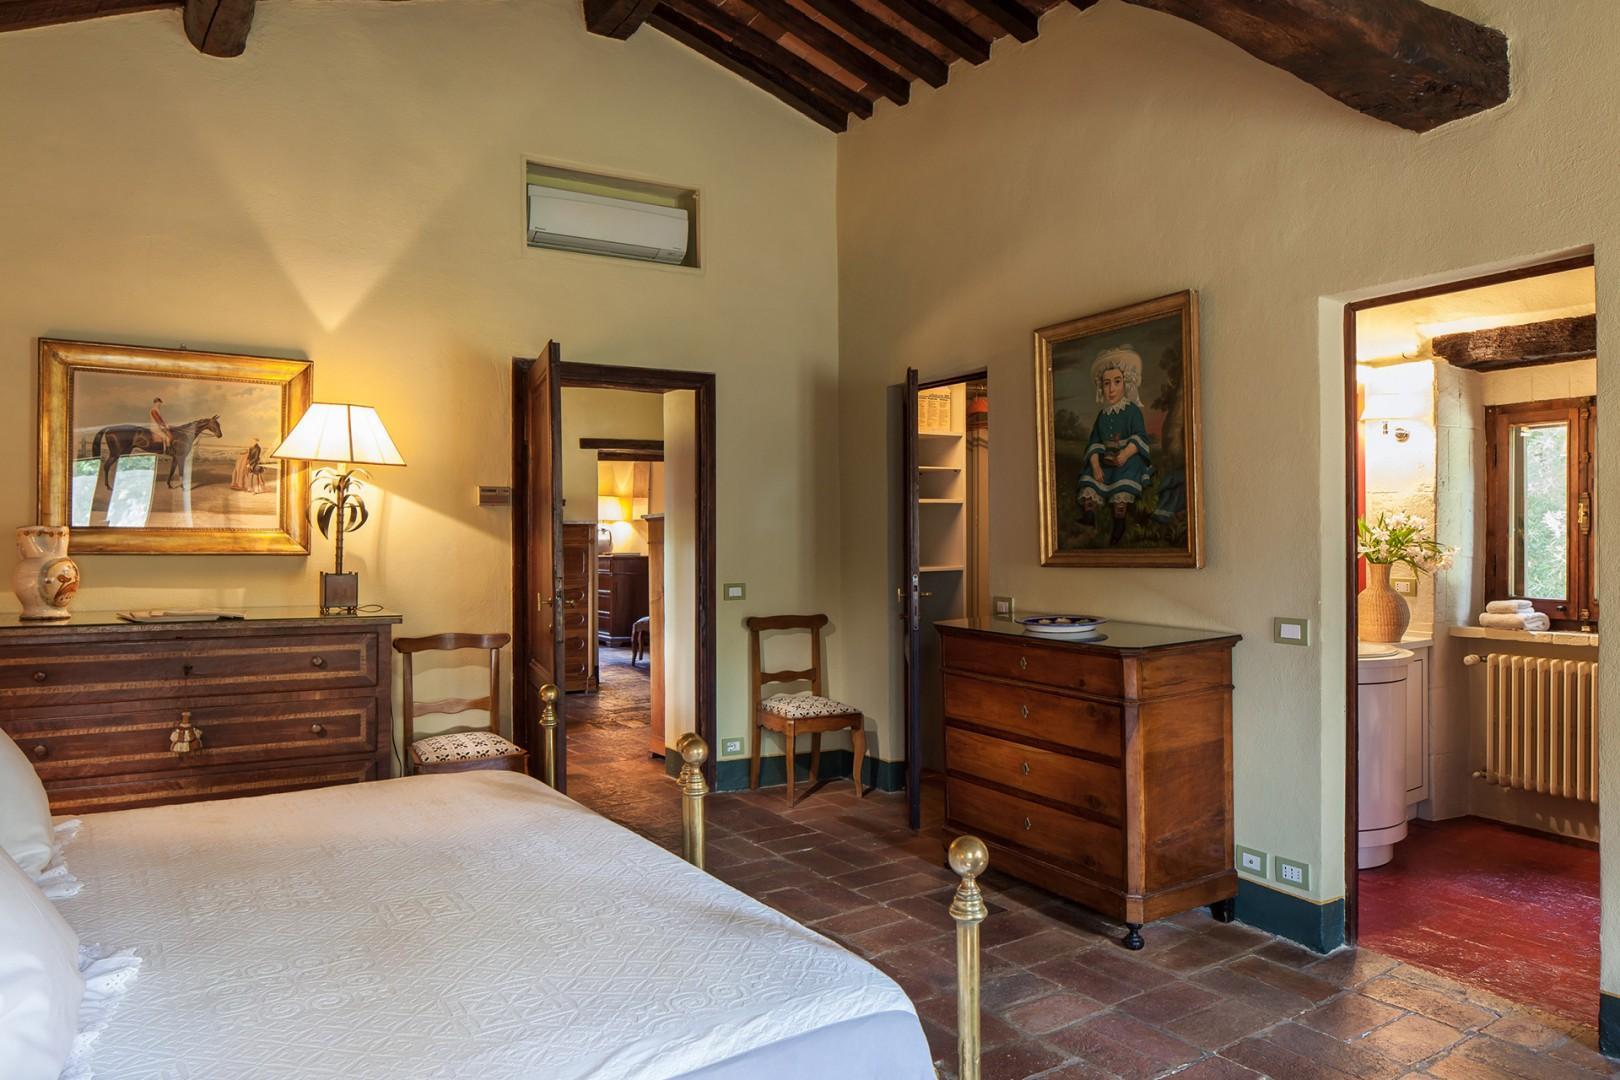 Bedroom 3 view towards en suite bathroom.